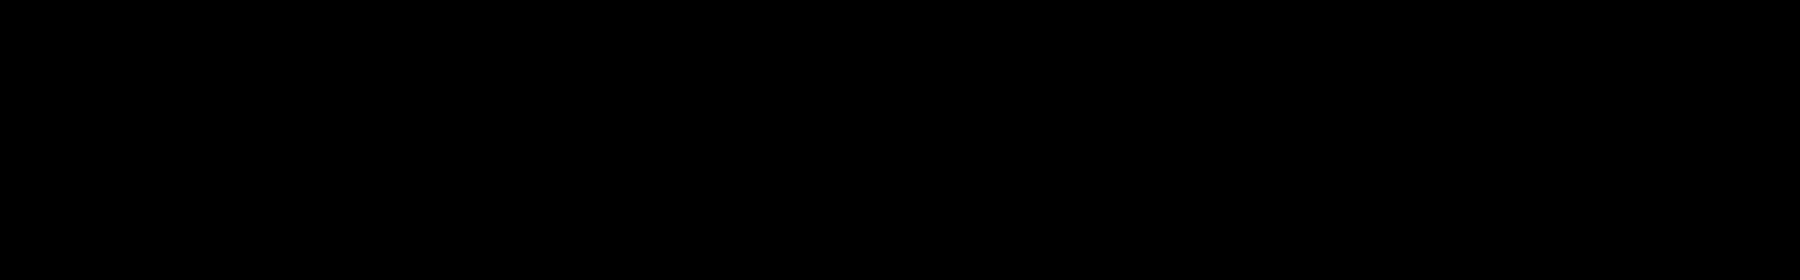 Ultra Drops audio waveform